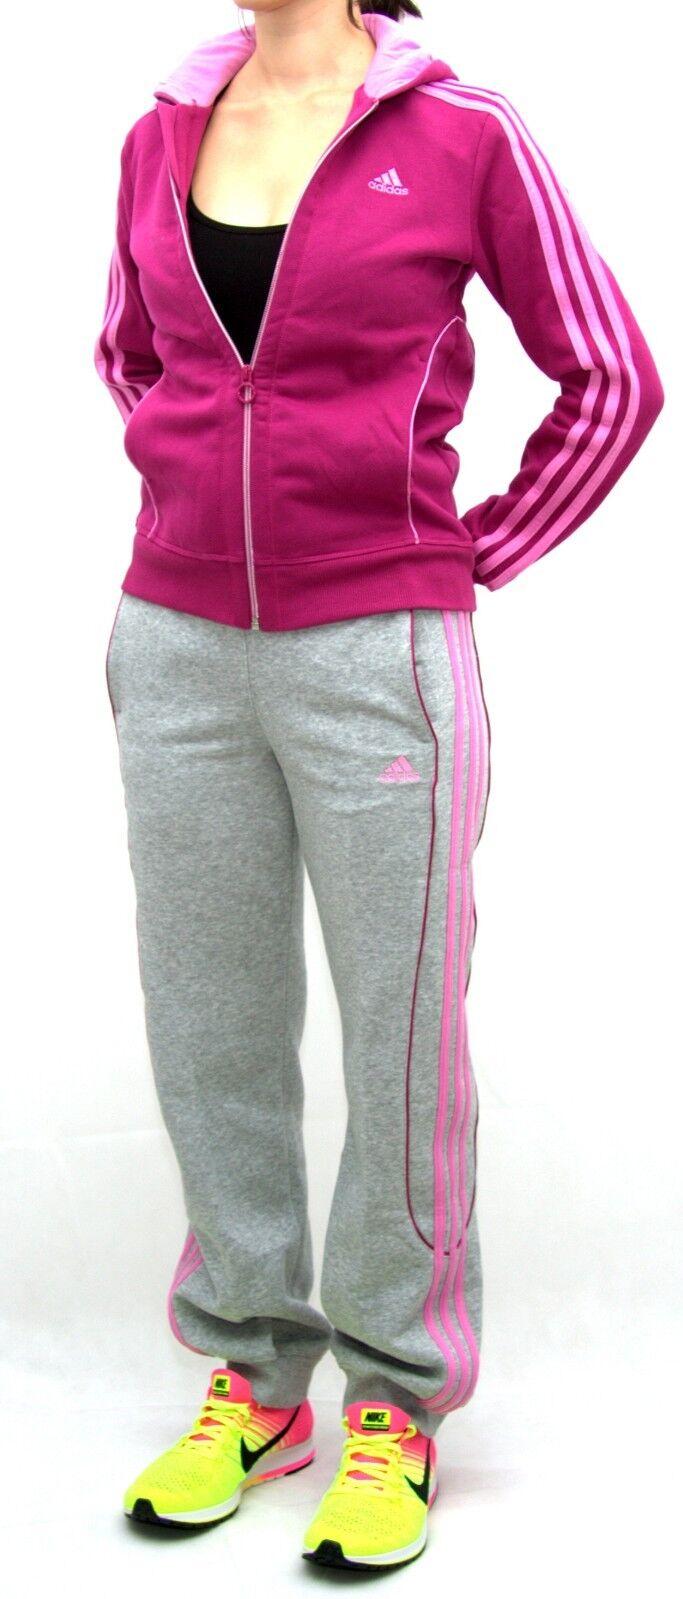 Adidas Damen CO Trainingsanzug YG S HD CO Damen TS  Sportanzug Gr. 152   L 6e644a